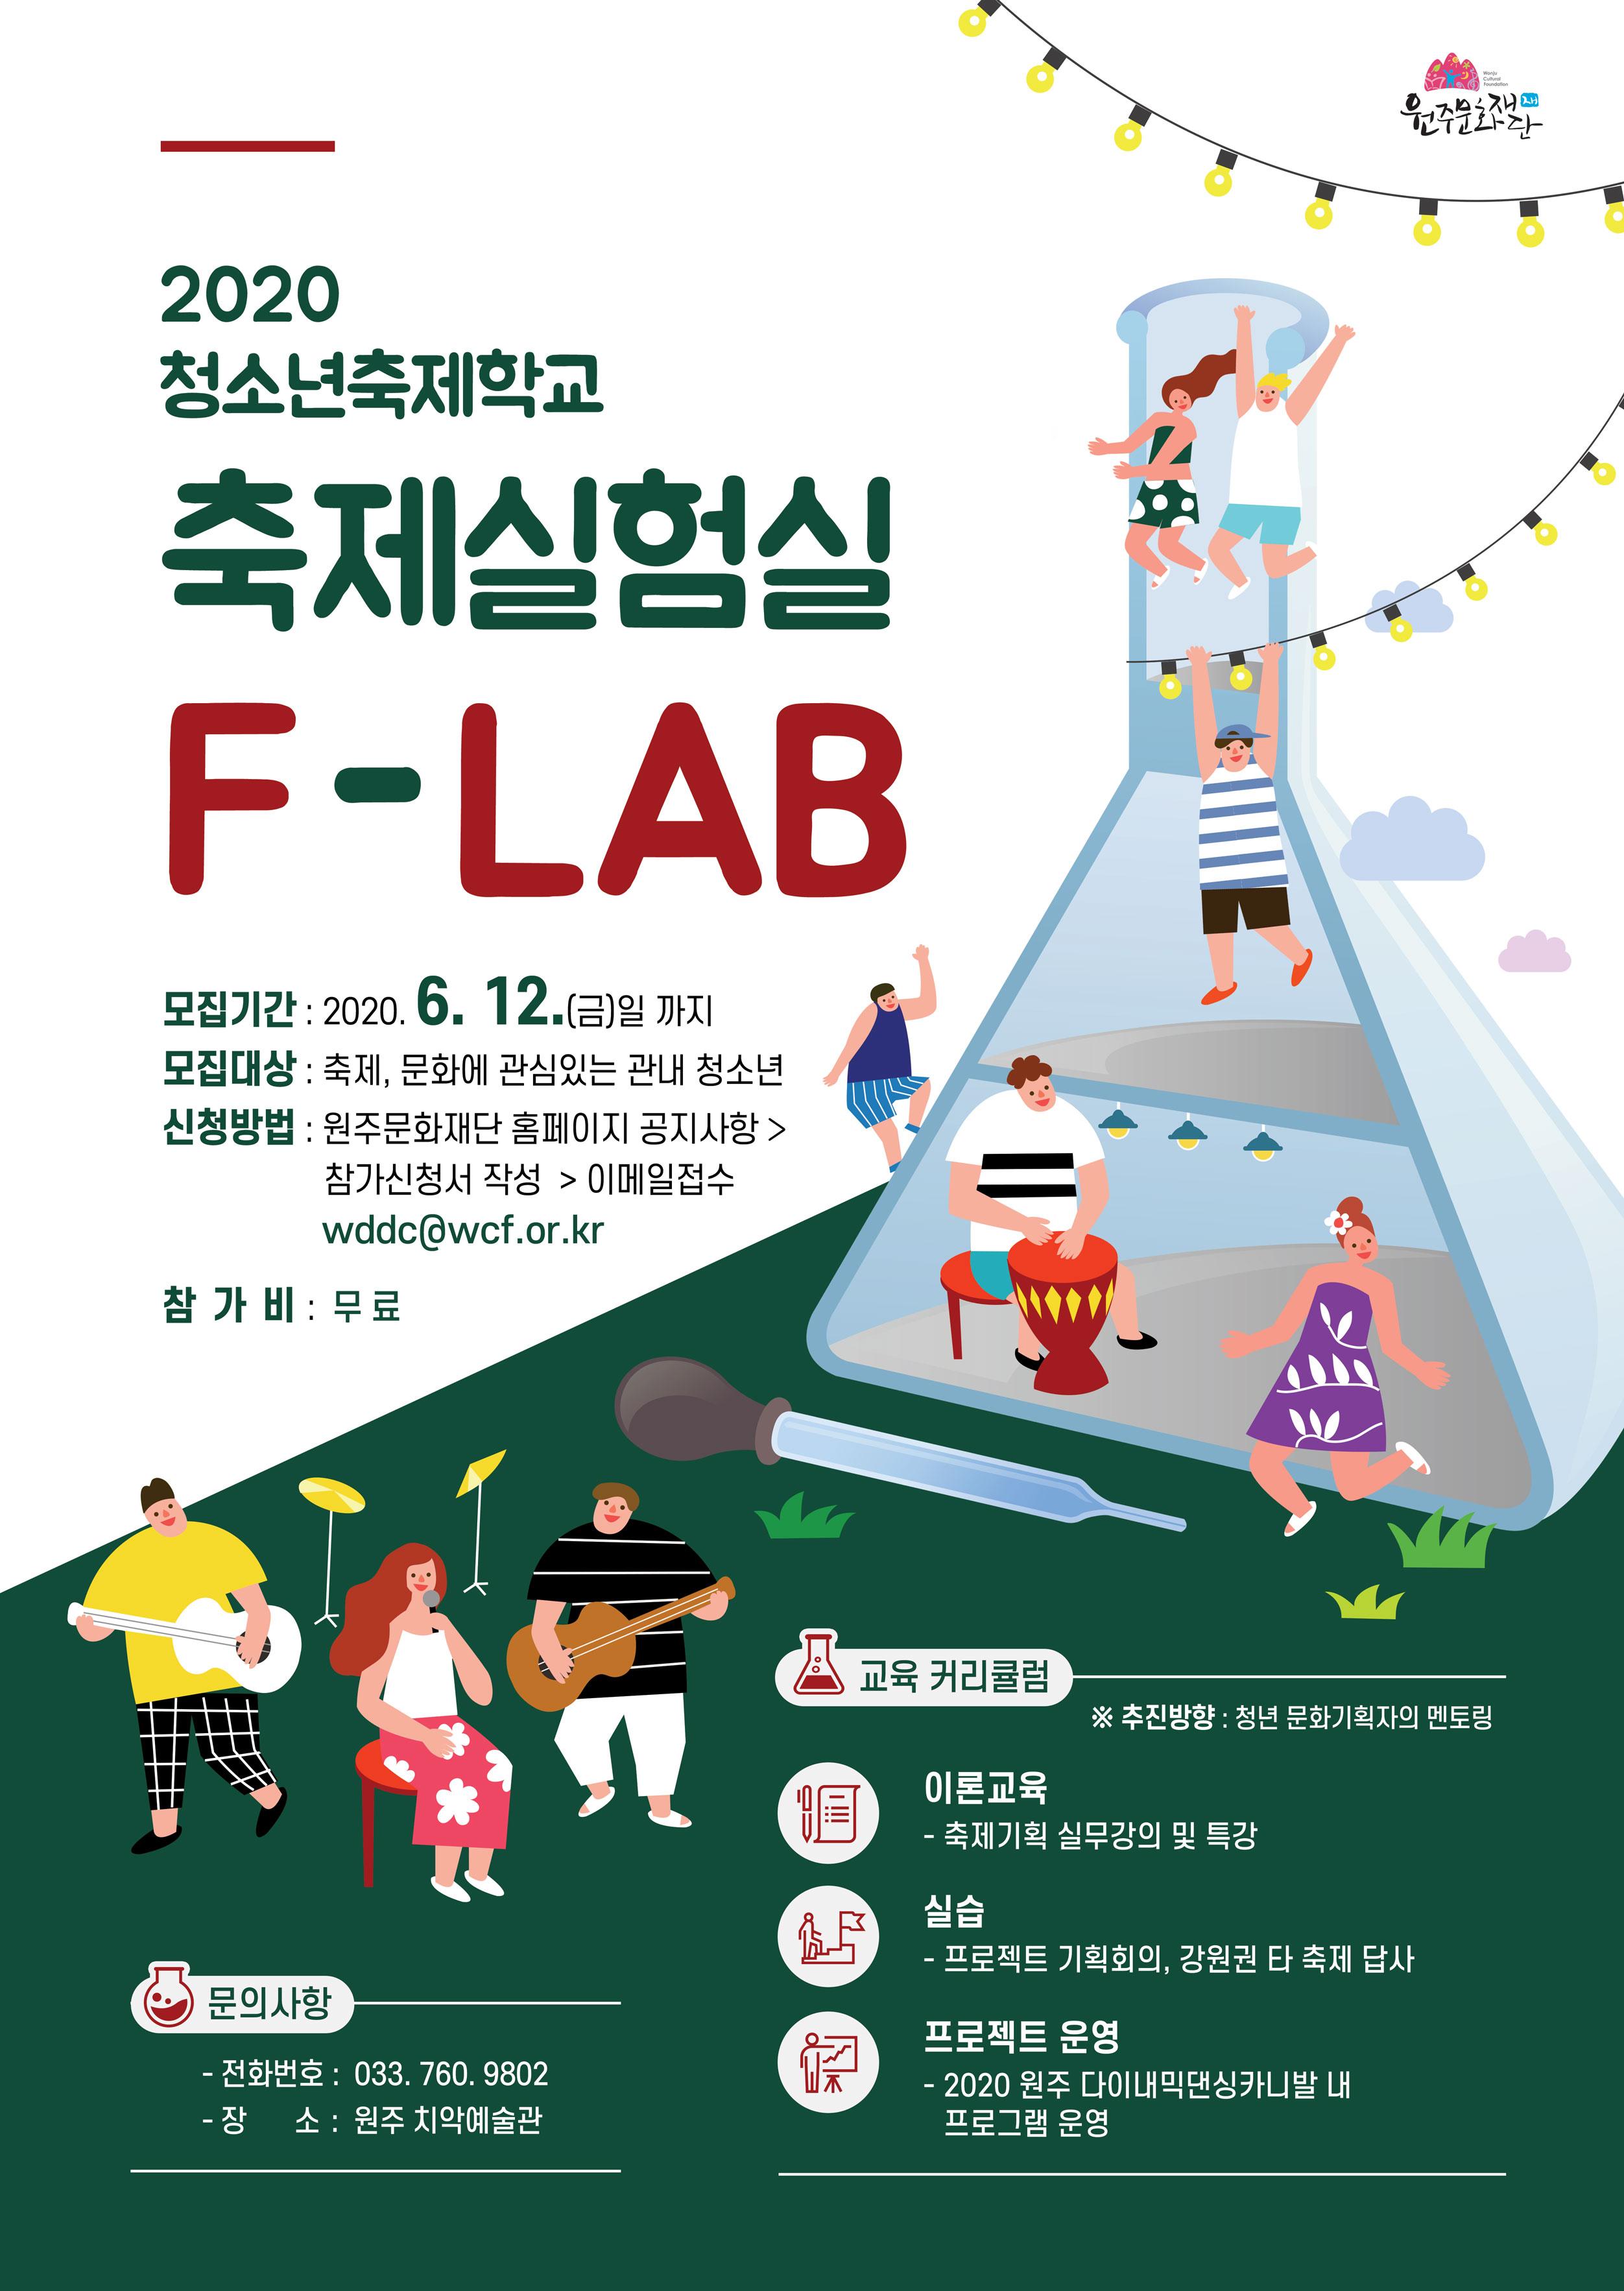 2020 청소년축제학교 축제실험실 (F-LAB)